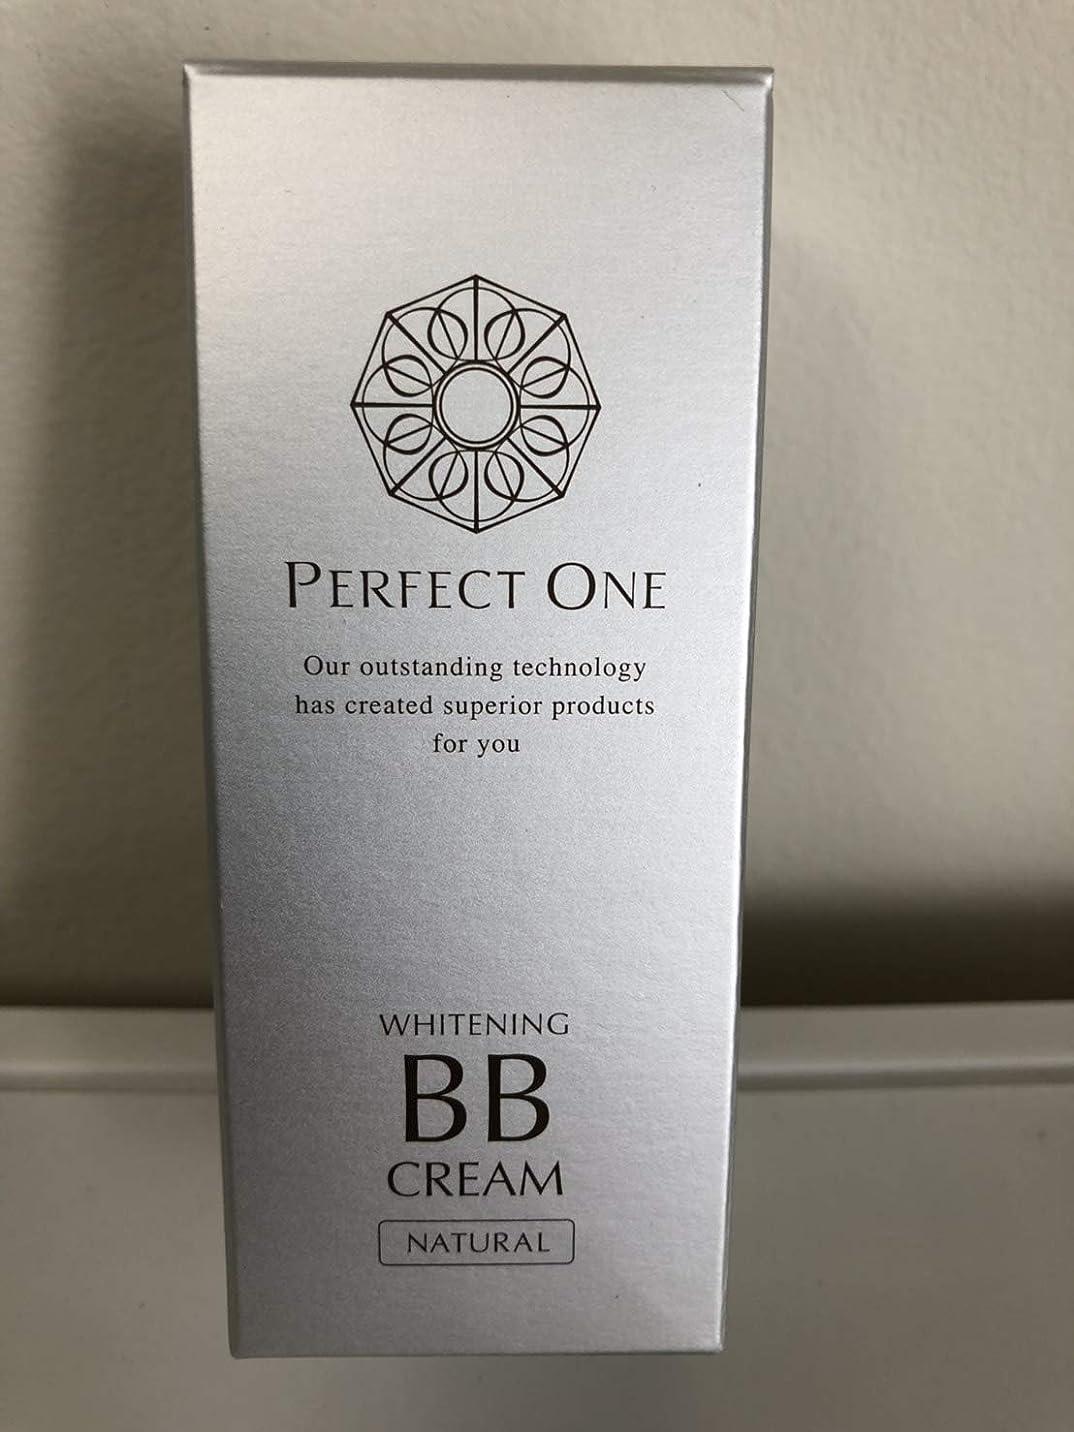 積分ロッド後継新日本製薬 パーフェクトワン 薬用ホワイトニングBBクリーム ナチュラル 25g